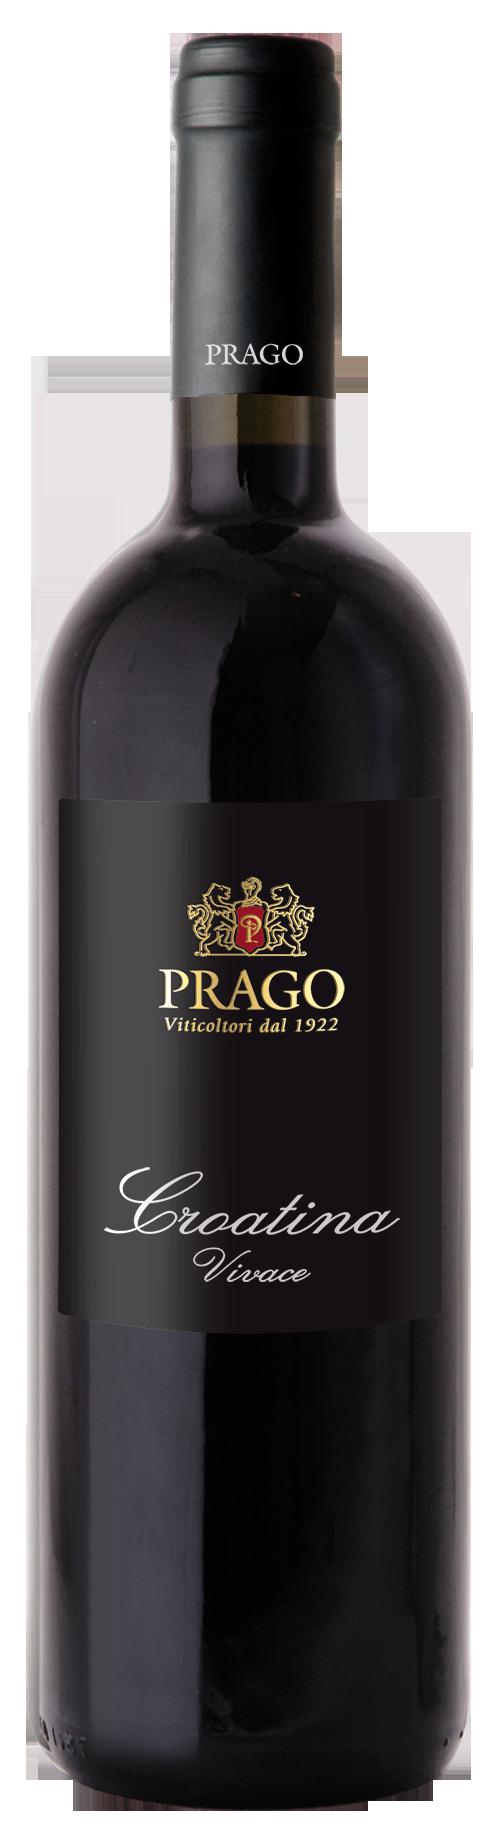 PRAGO Vini e Spumanti Oltrepò Pavese - Vini Vivaci - Croatina